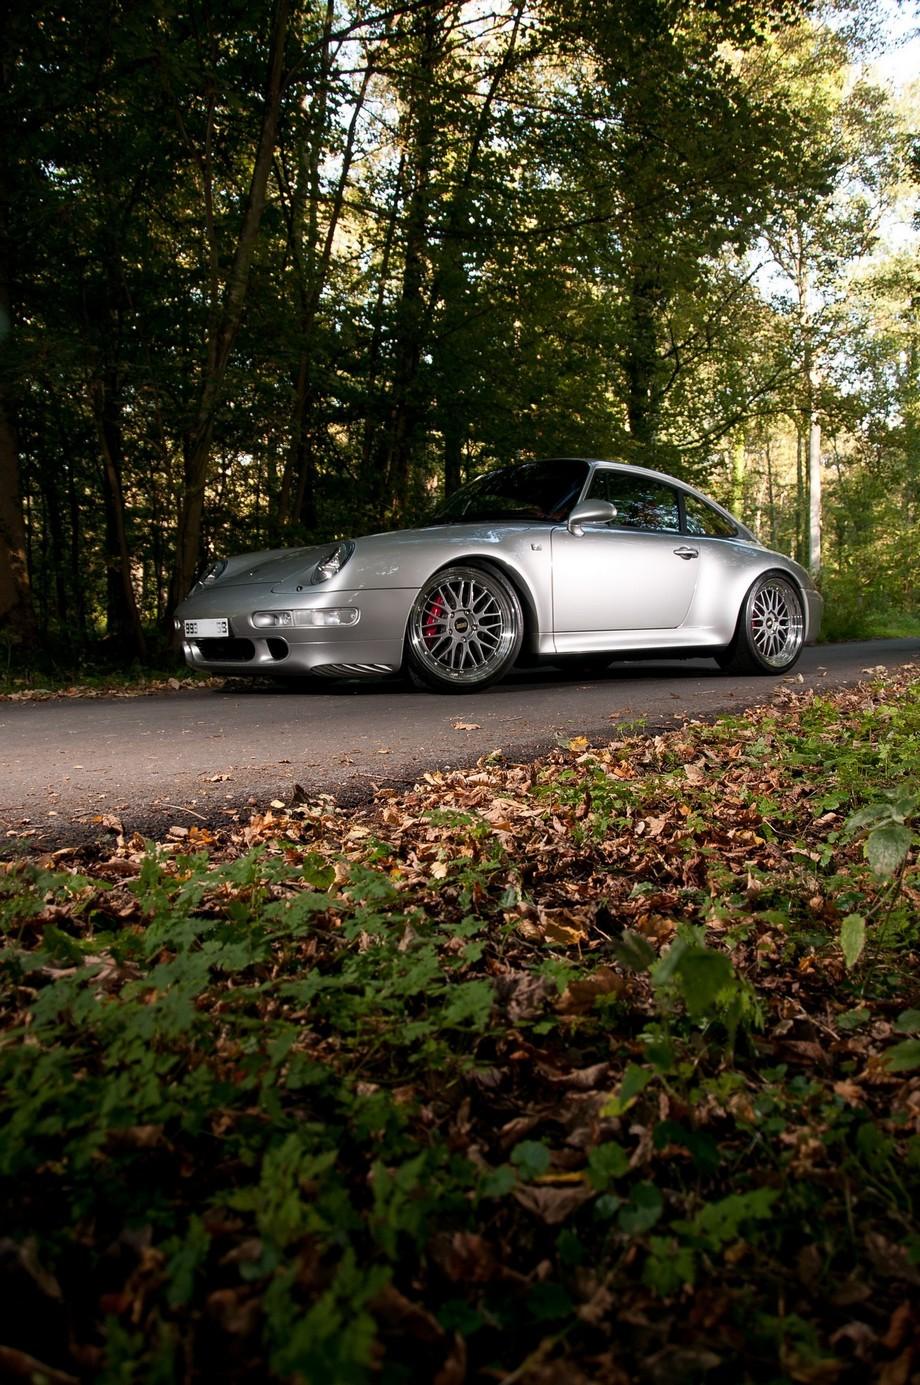 Porsche en automne - Page 2 151030055229865682